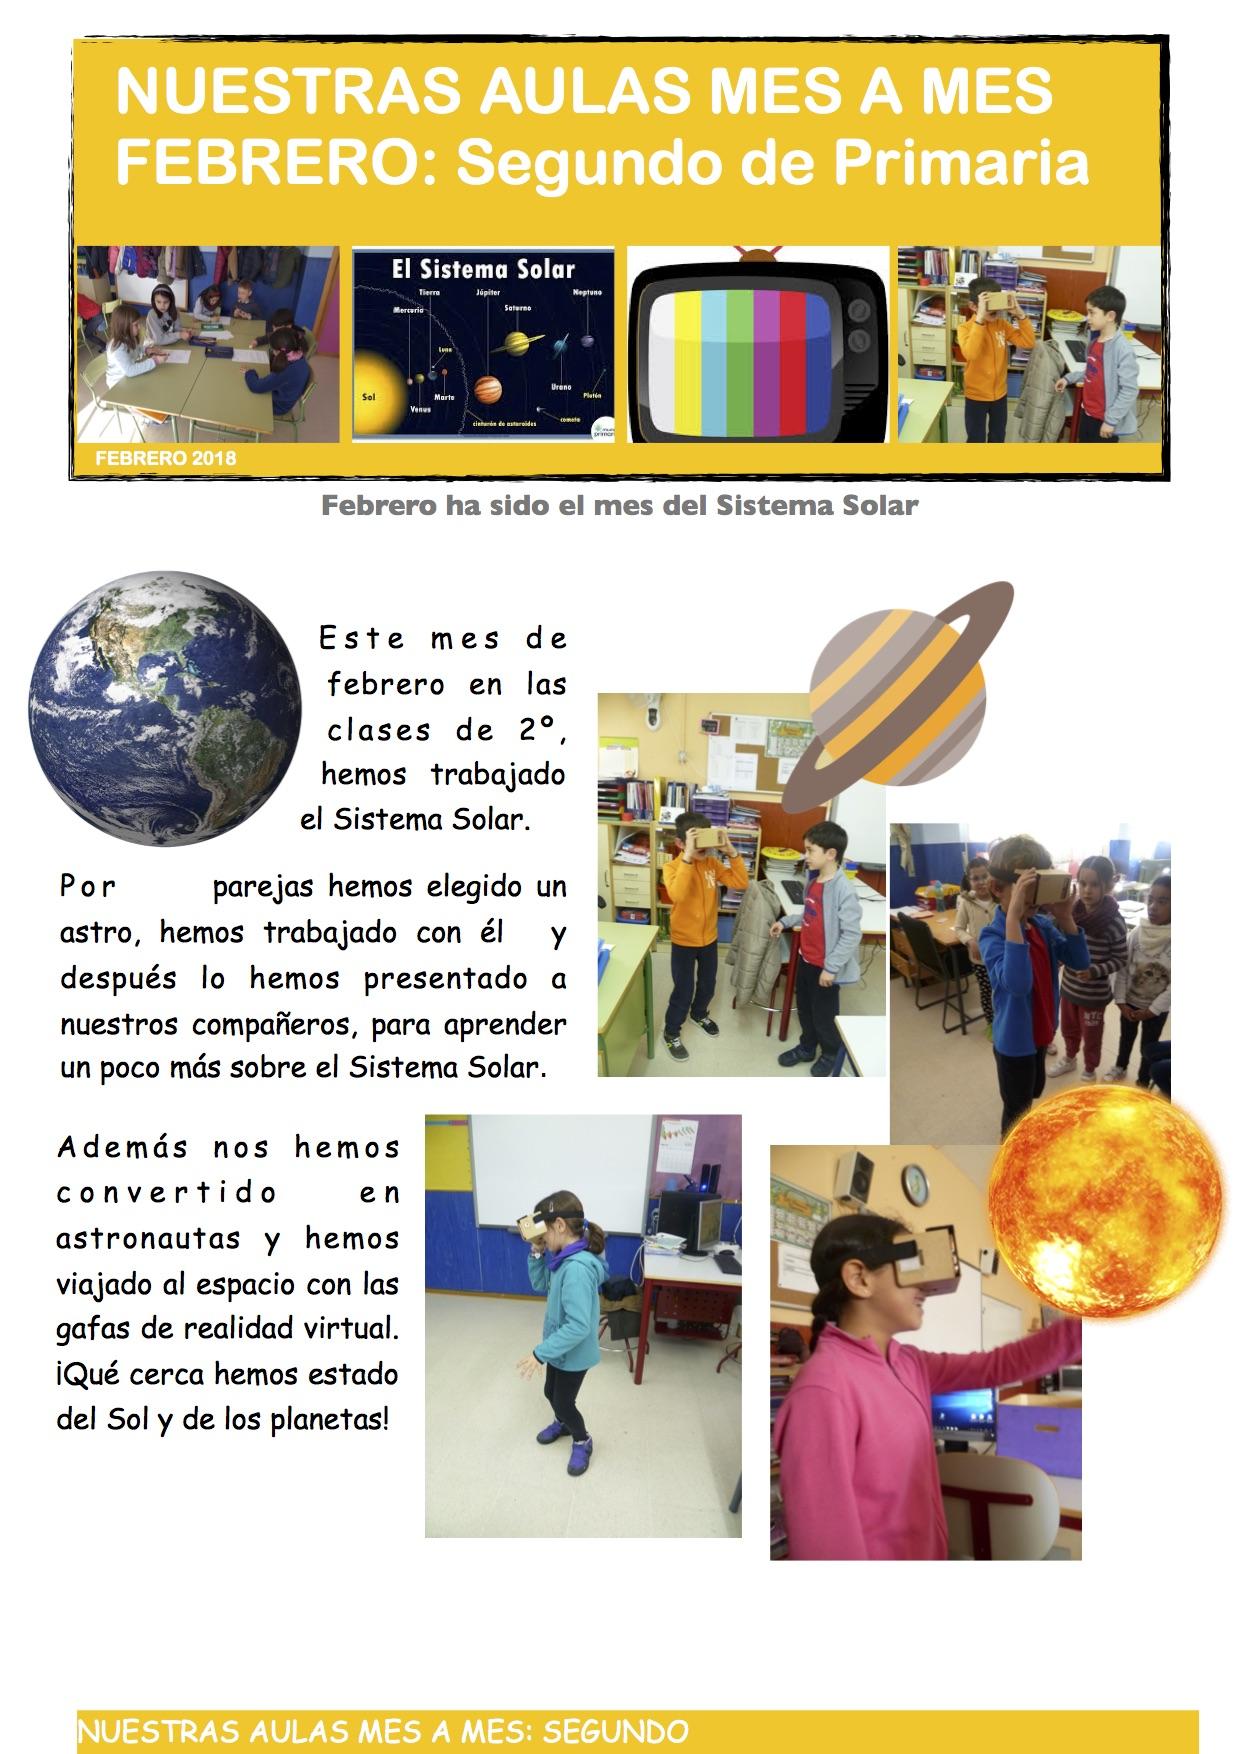 nuestras aulas SEGUNDO12018